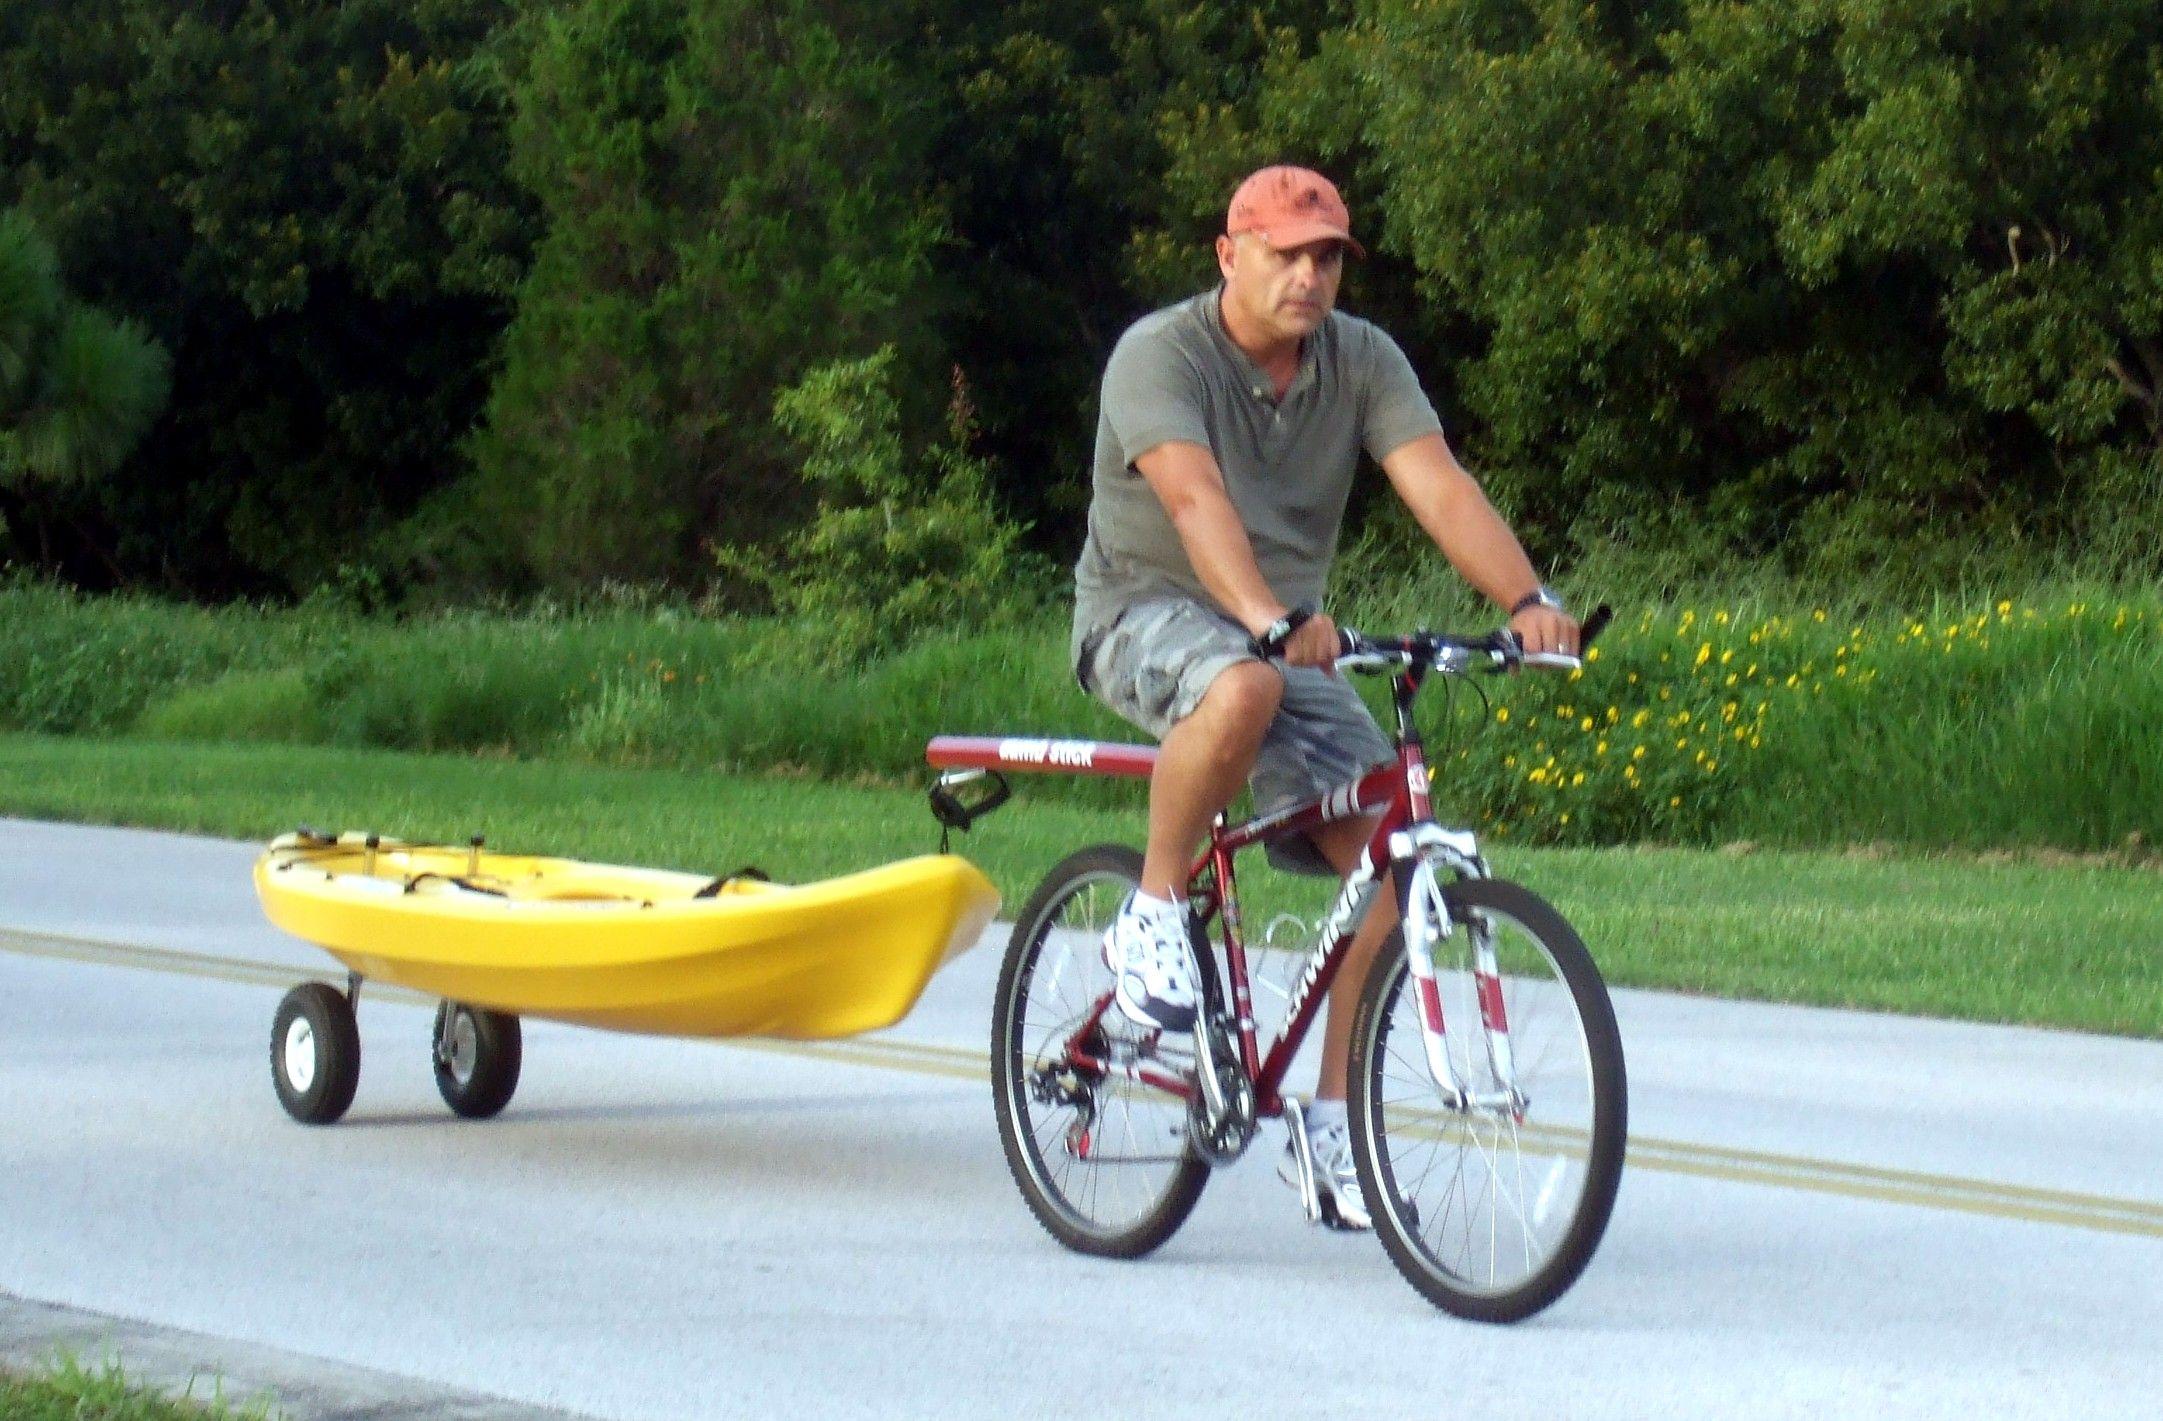 Bicycle Bike Tow bar, Kayak Trailer, Canoe Trailer